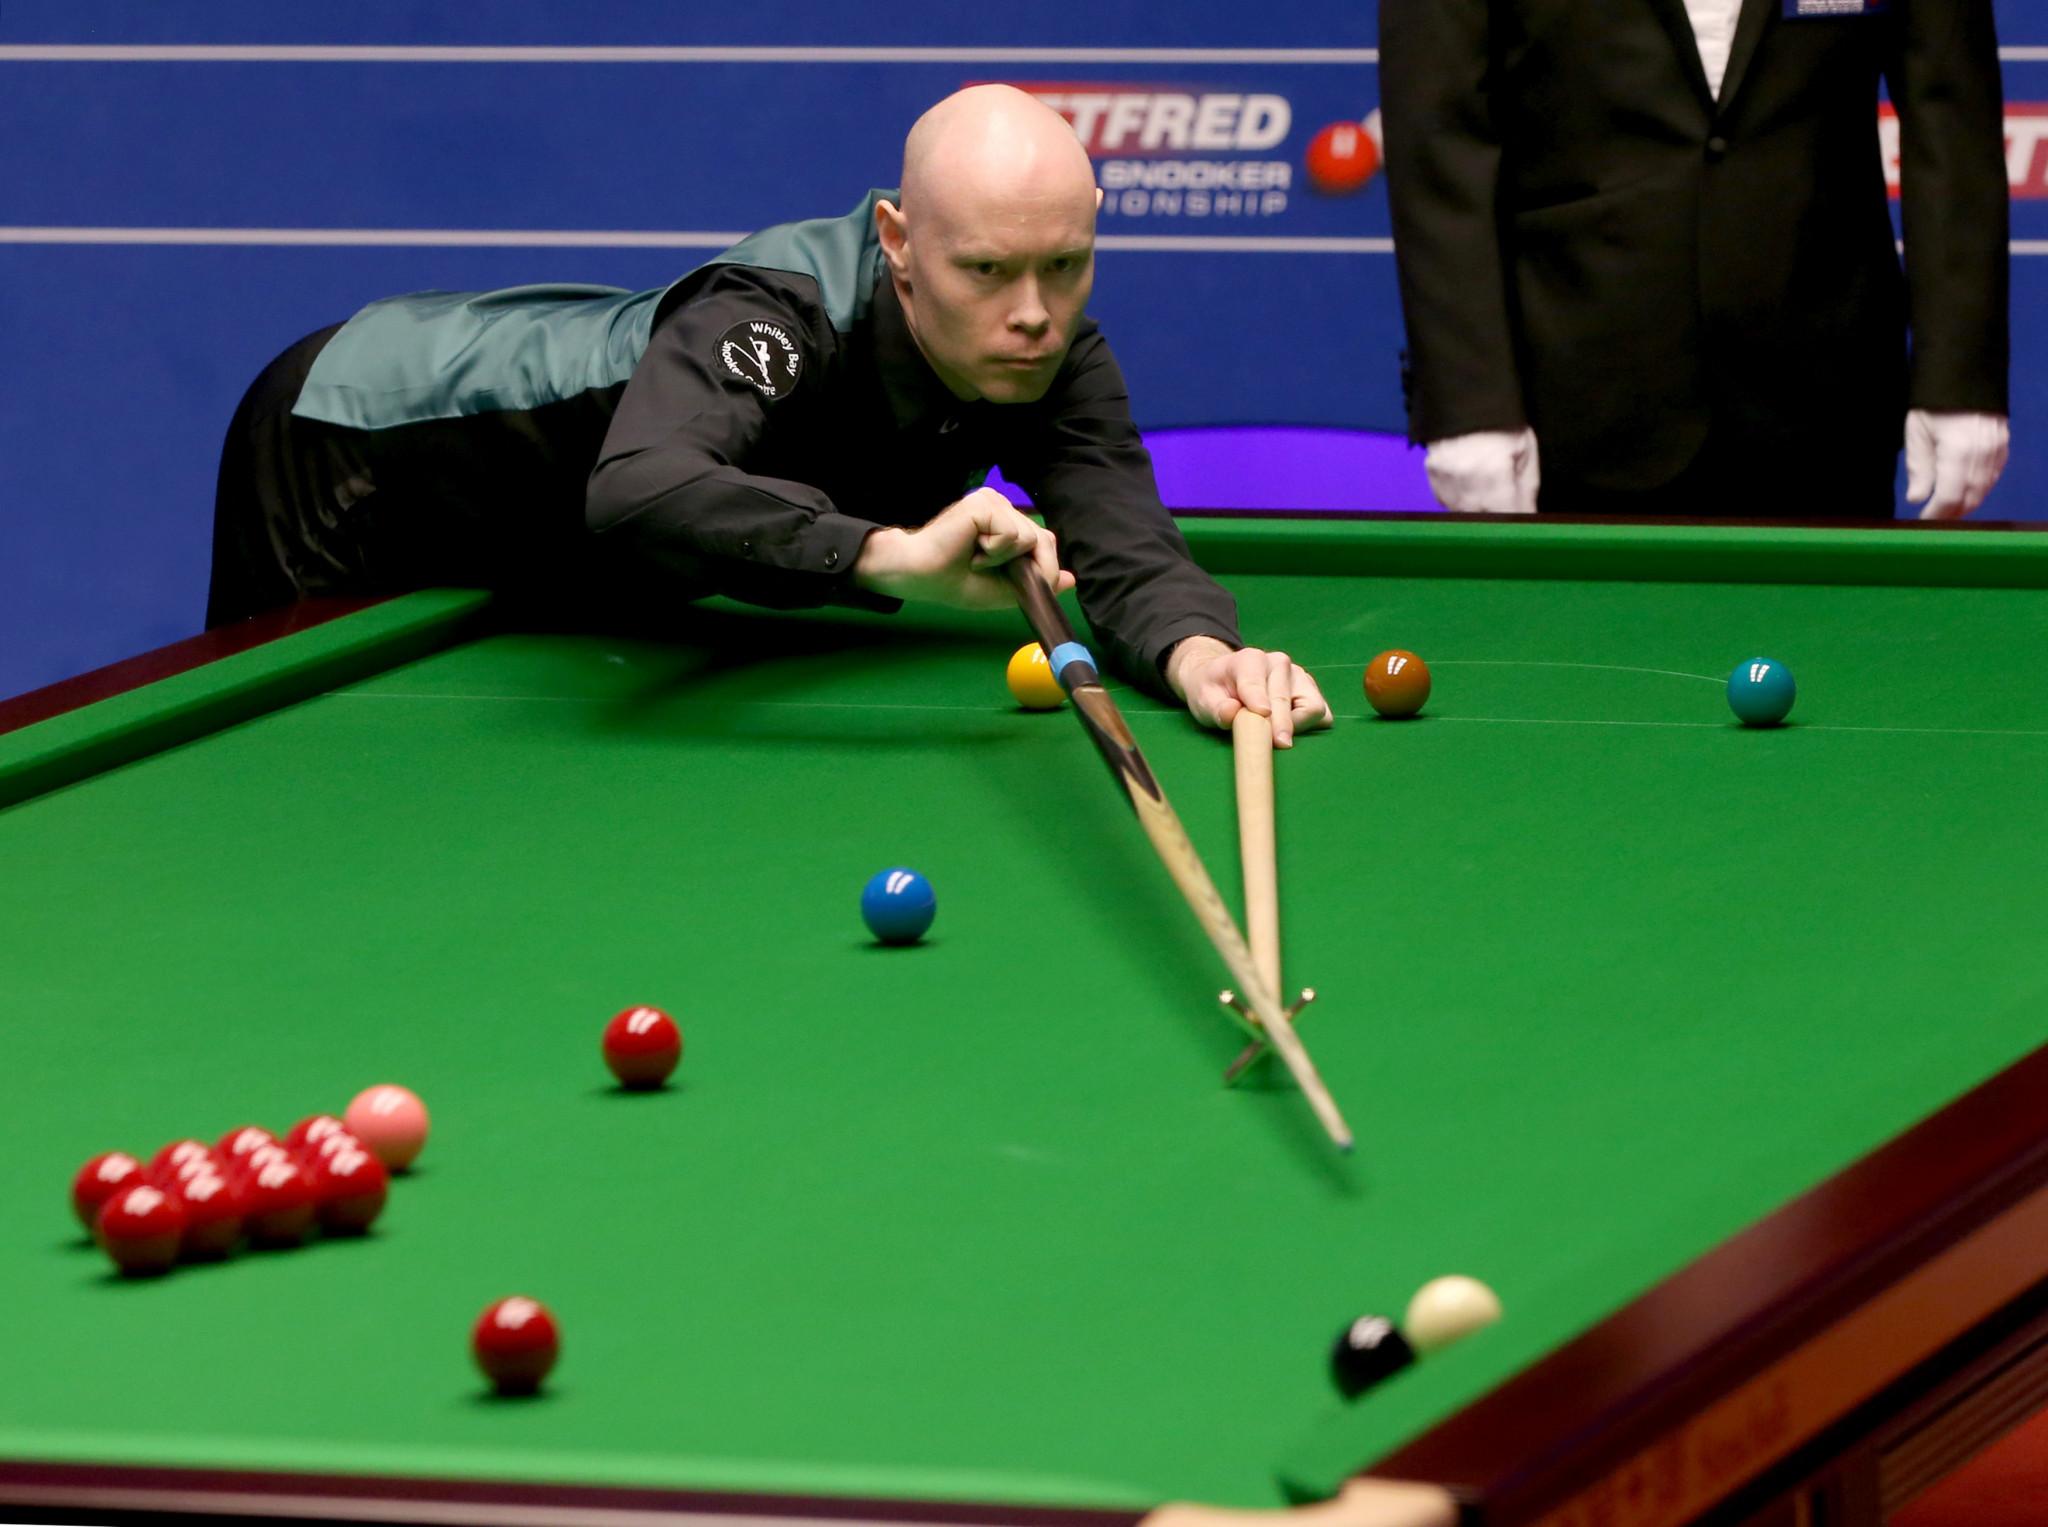 Qualifier Wilson beats Carter to reach World Snooker Championship semi-finals